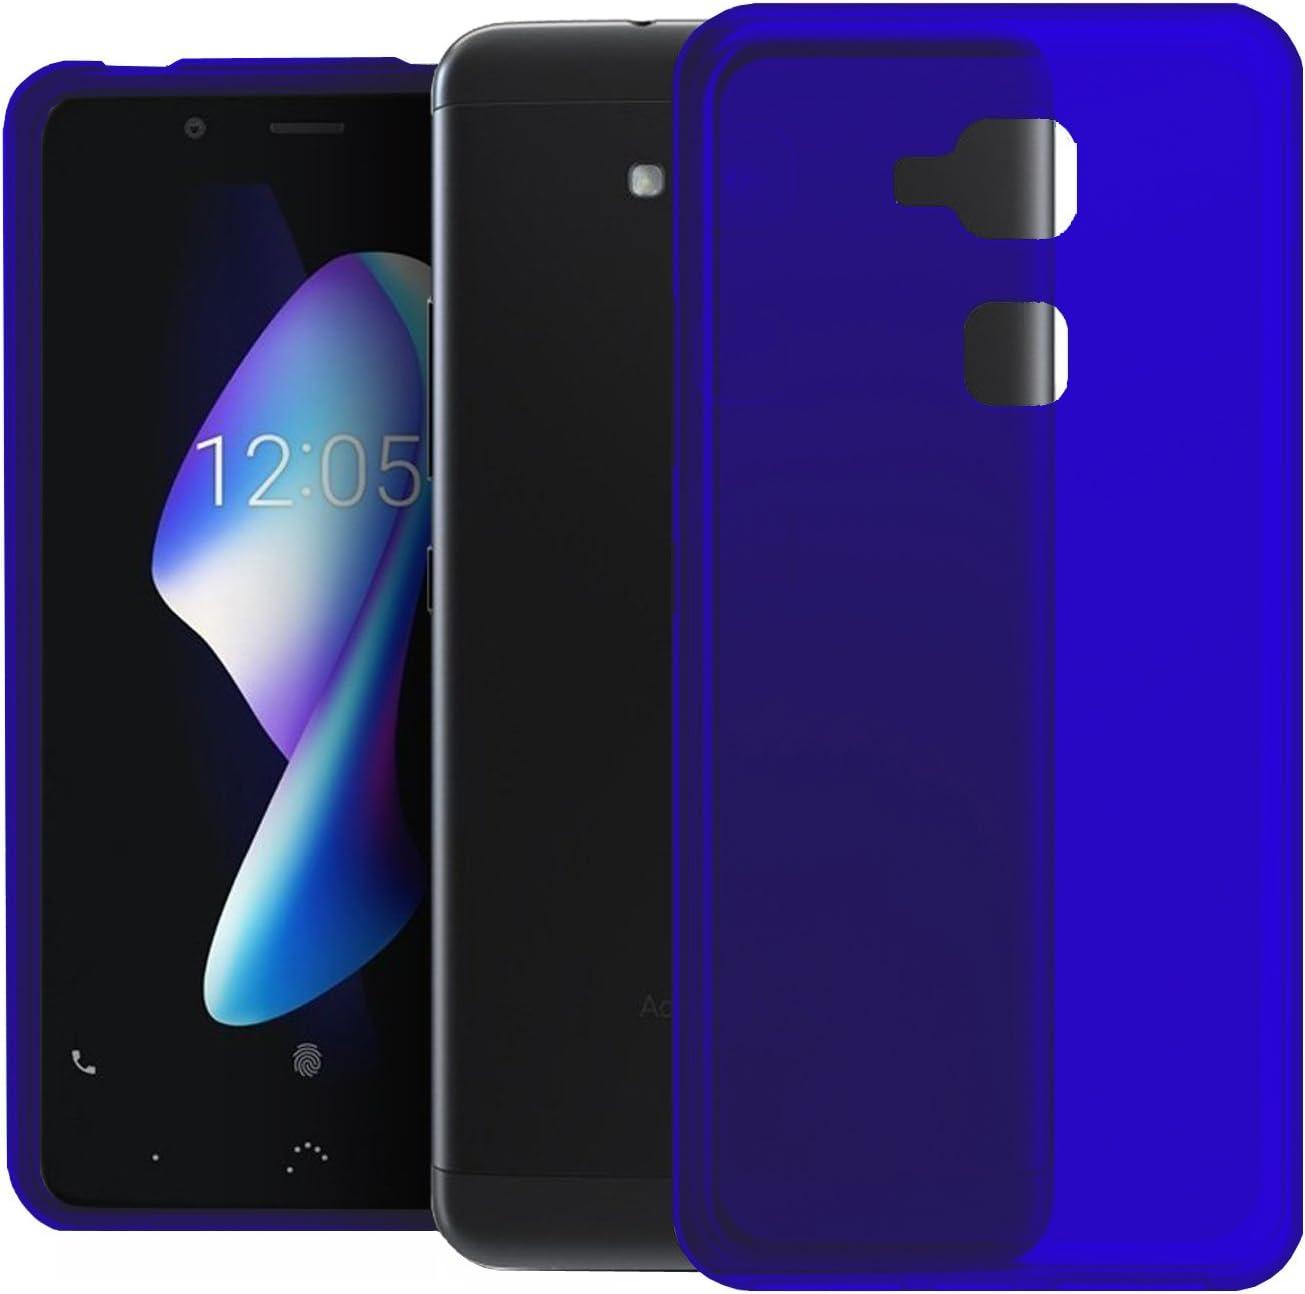 TBOC® Funda de Gel TPU Azul para bq Aquaris V (5.2 Pulgadas) de Silicona Ultrafina y Flexible (No es Compatible con el bq Aquaris V Plus de 5.5 Pulgadas): Amazon.es: Electrónica